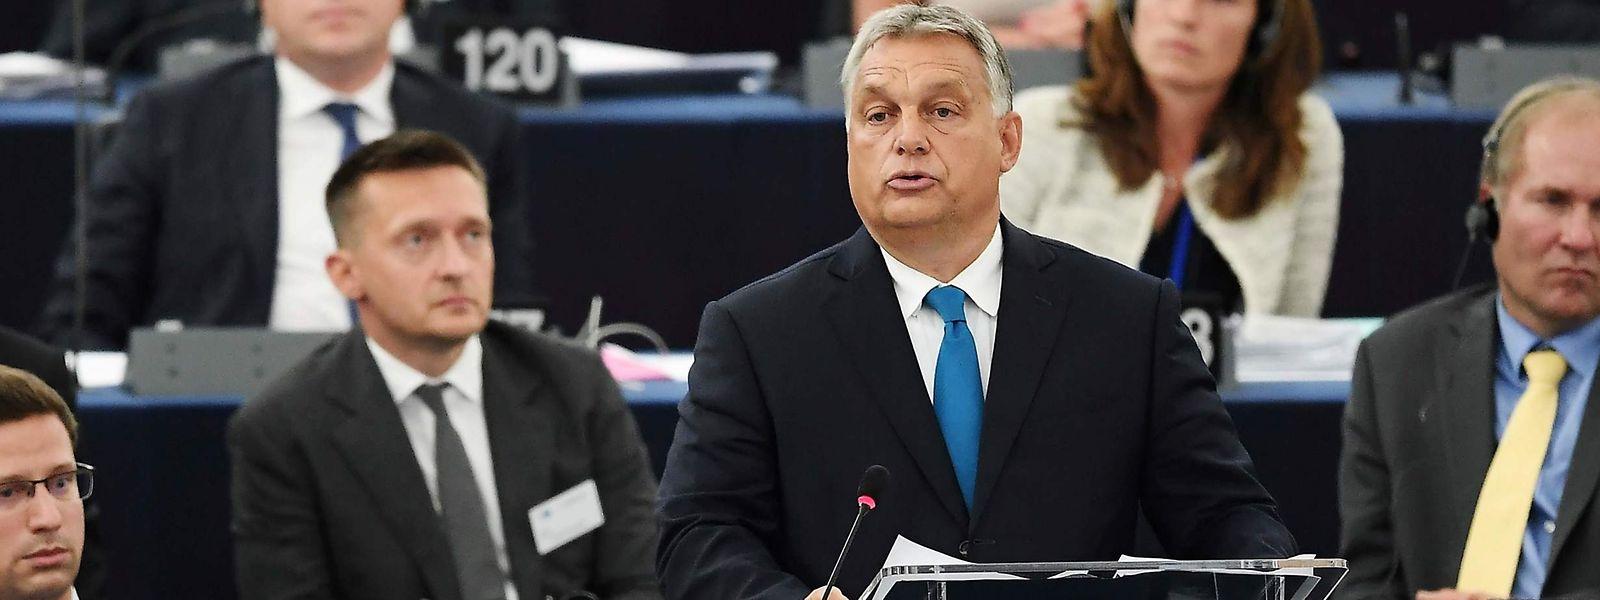 Victor Orbans Regierung gefällt das Votum ganz und gar nicht.